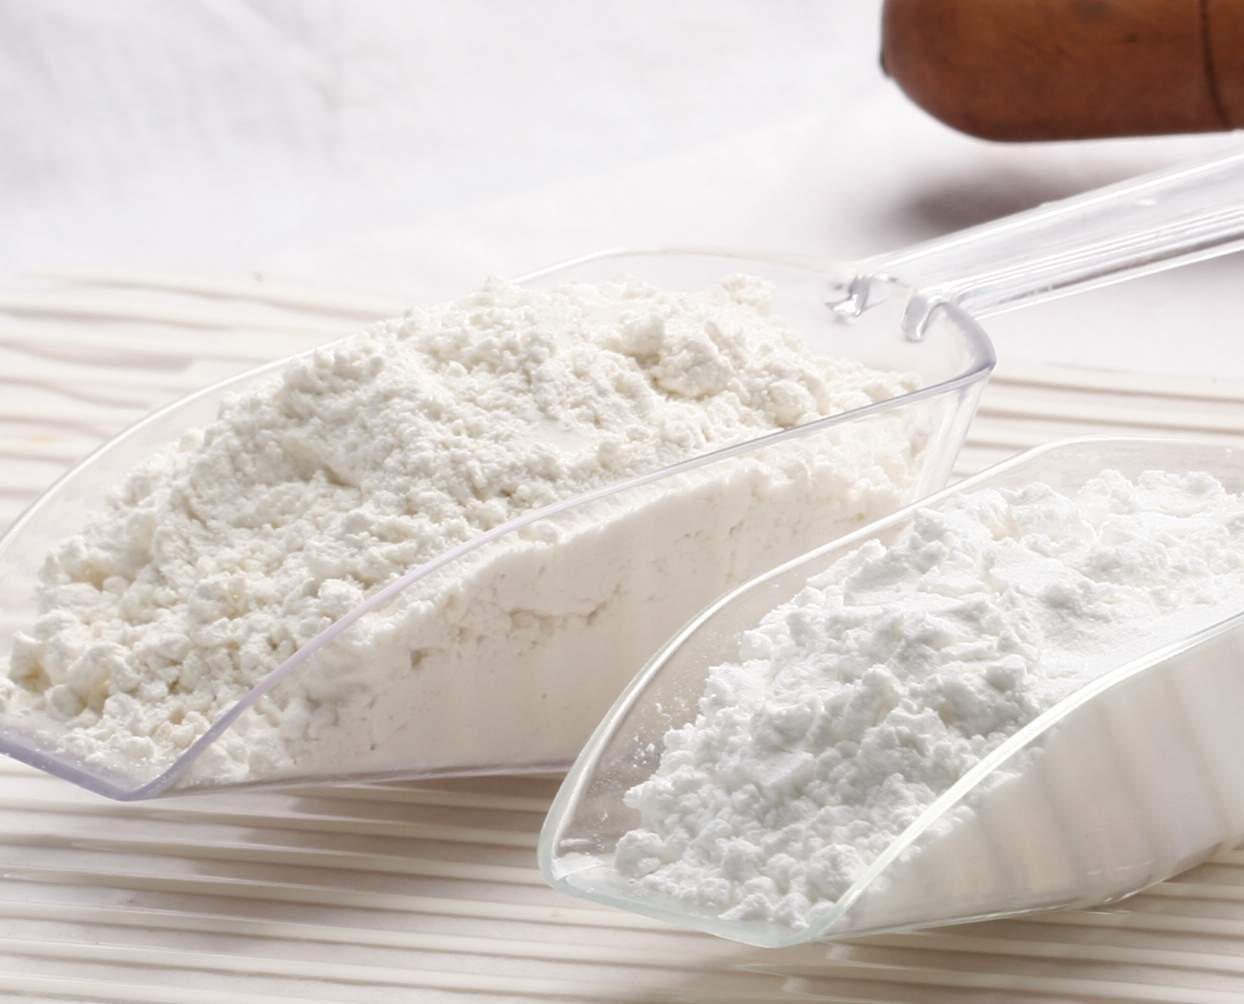 Resepi Kek Batik Guna Tepung Gandum